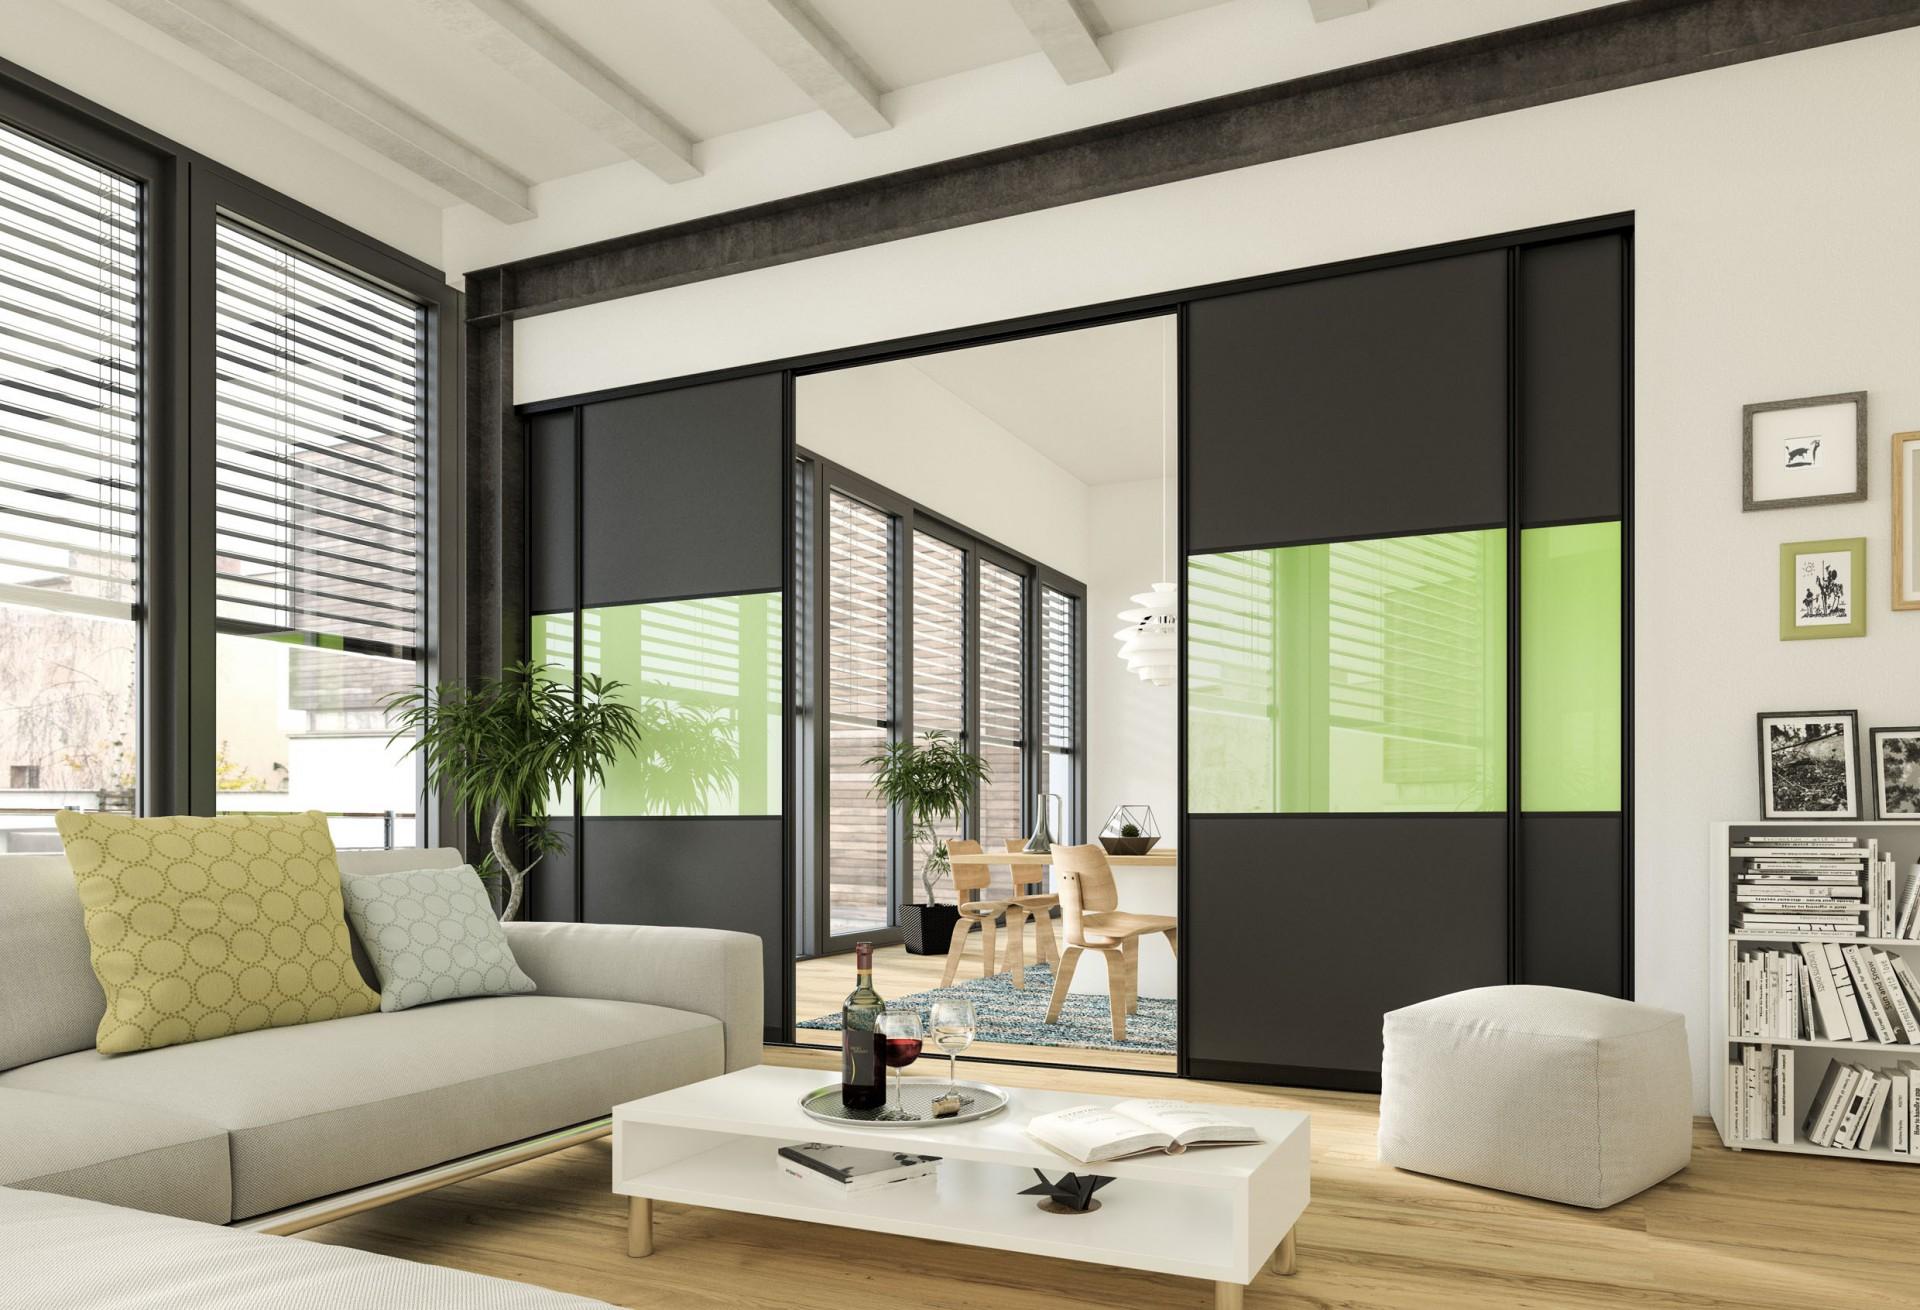 raumteiler und begehbare kleiderschränke - schlafzimmer - produkte, Schlafzimmer entwurf